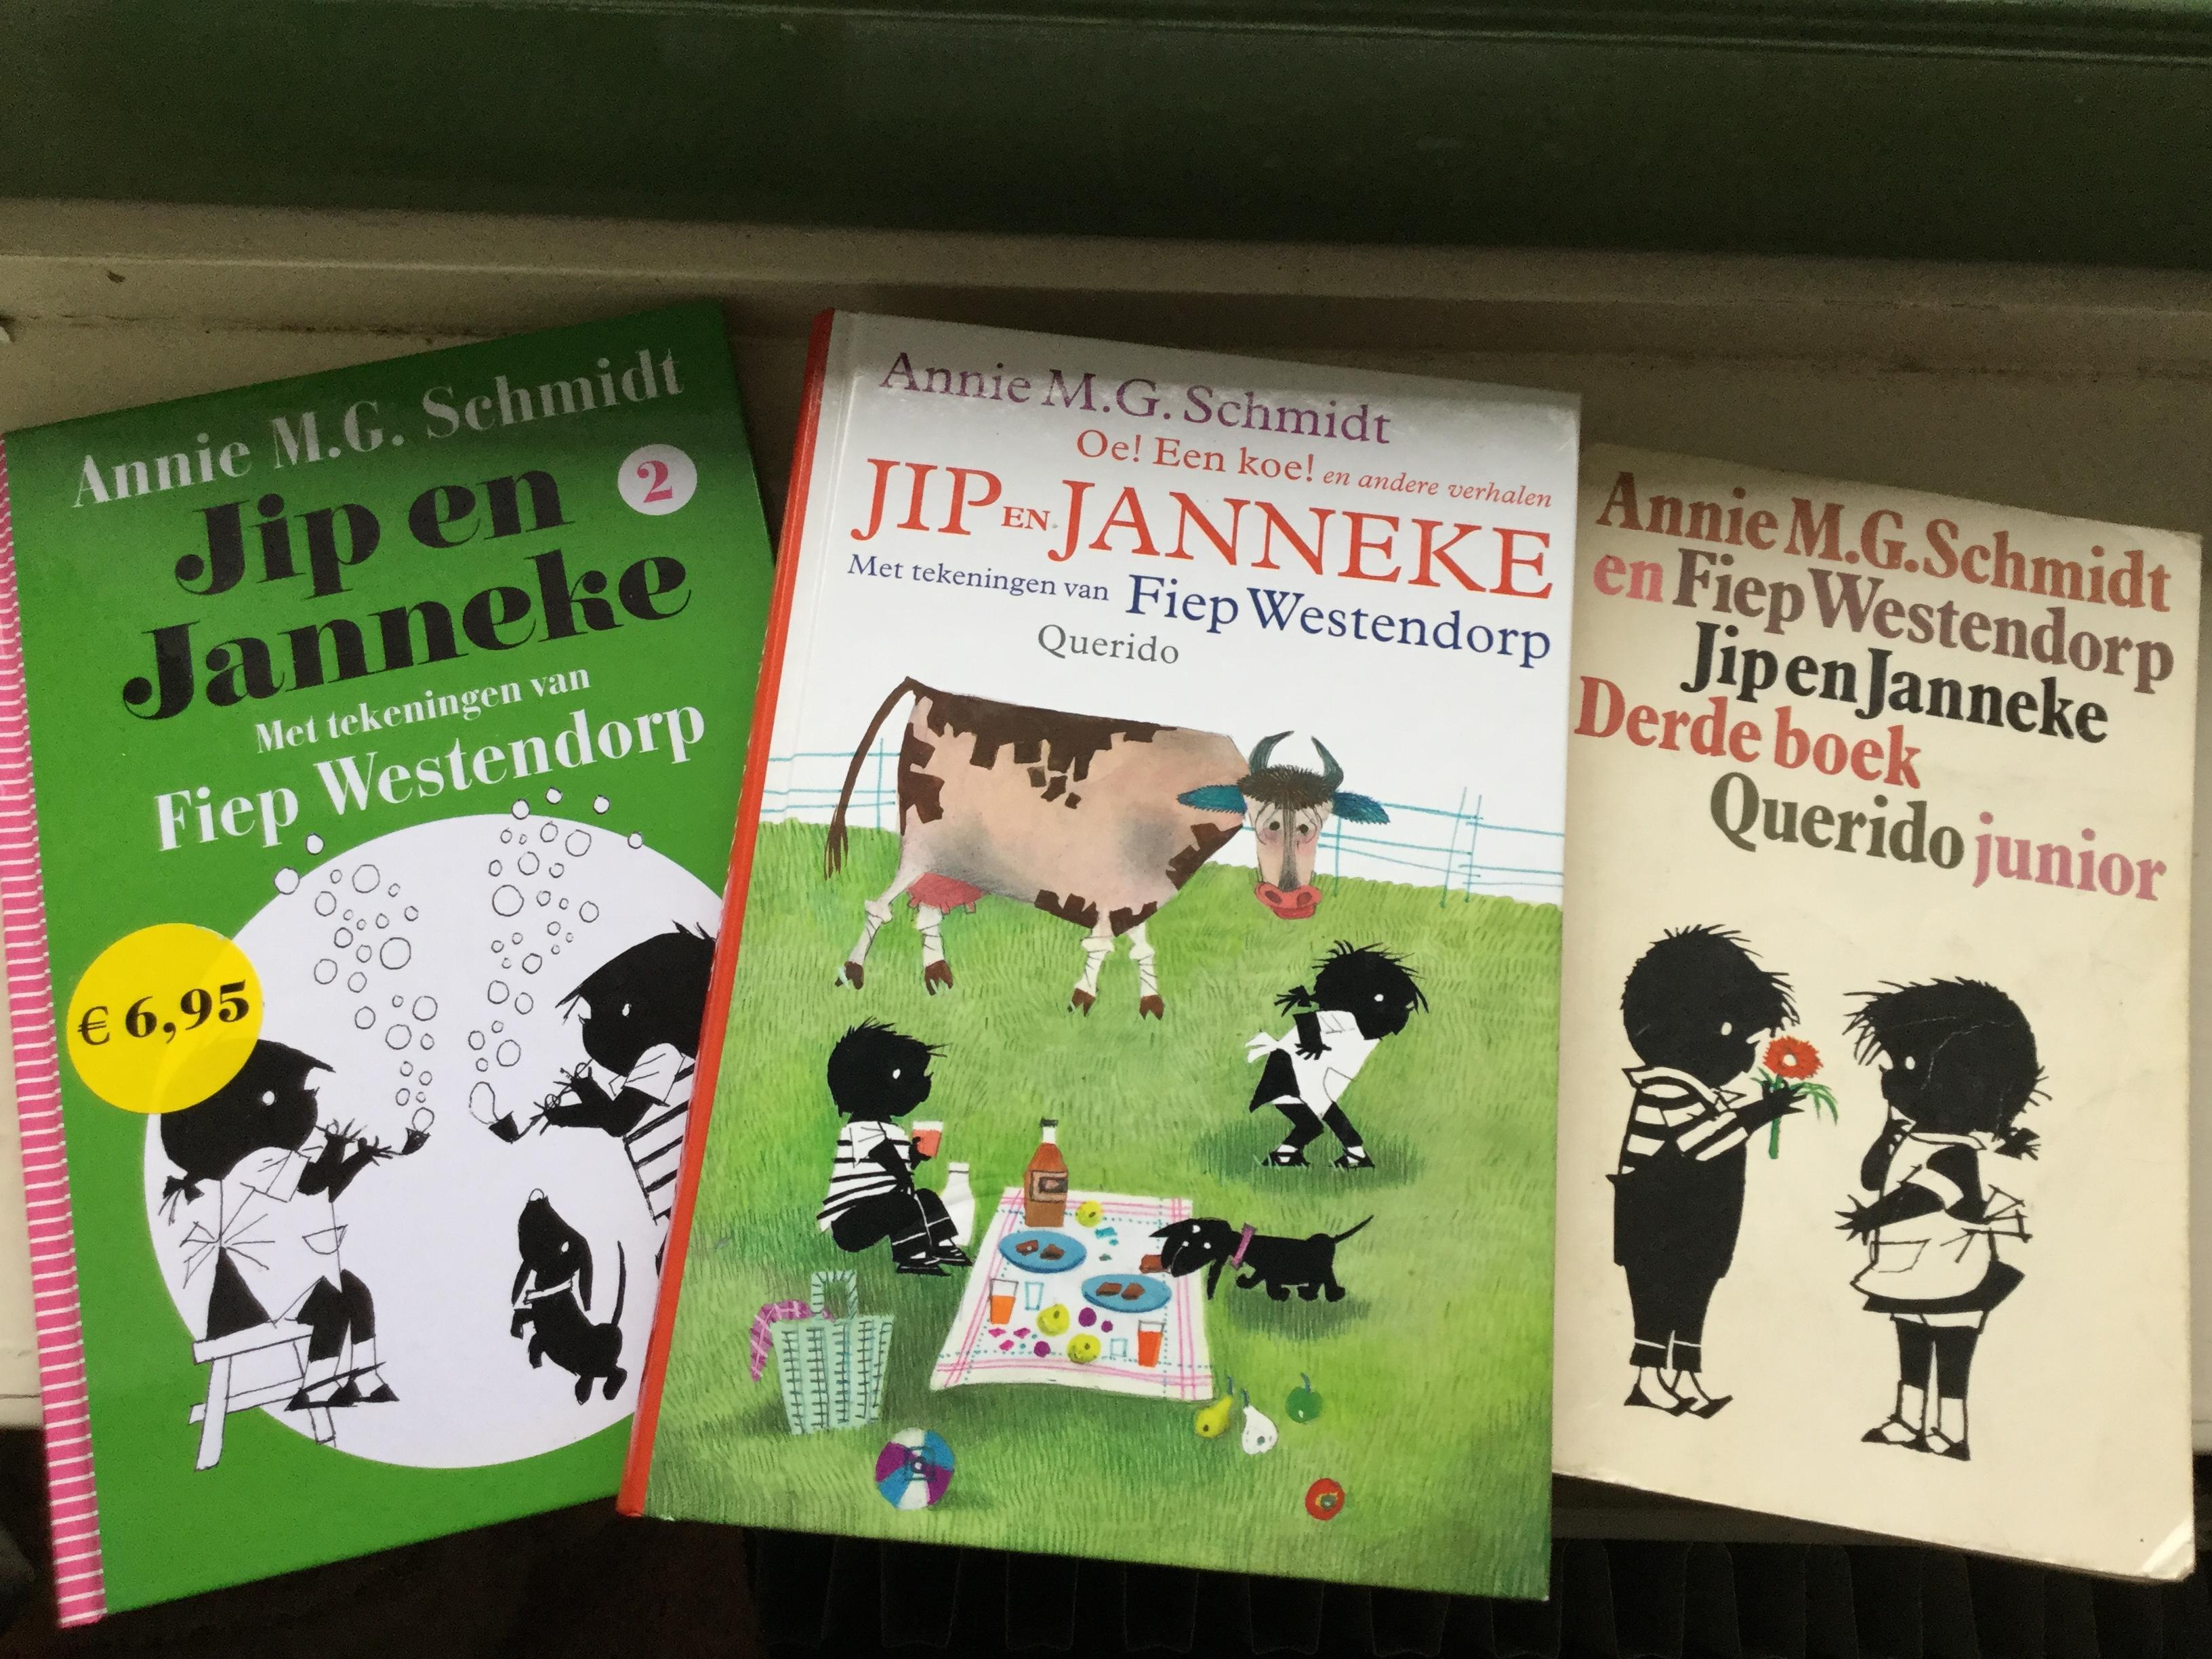 หนังสือเกี่ยวกับประเทศเนเธอร์แลนด์